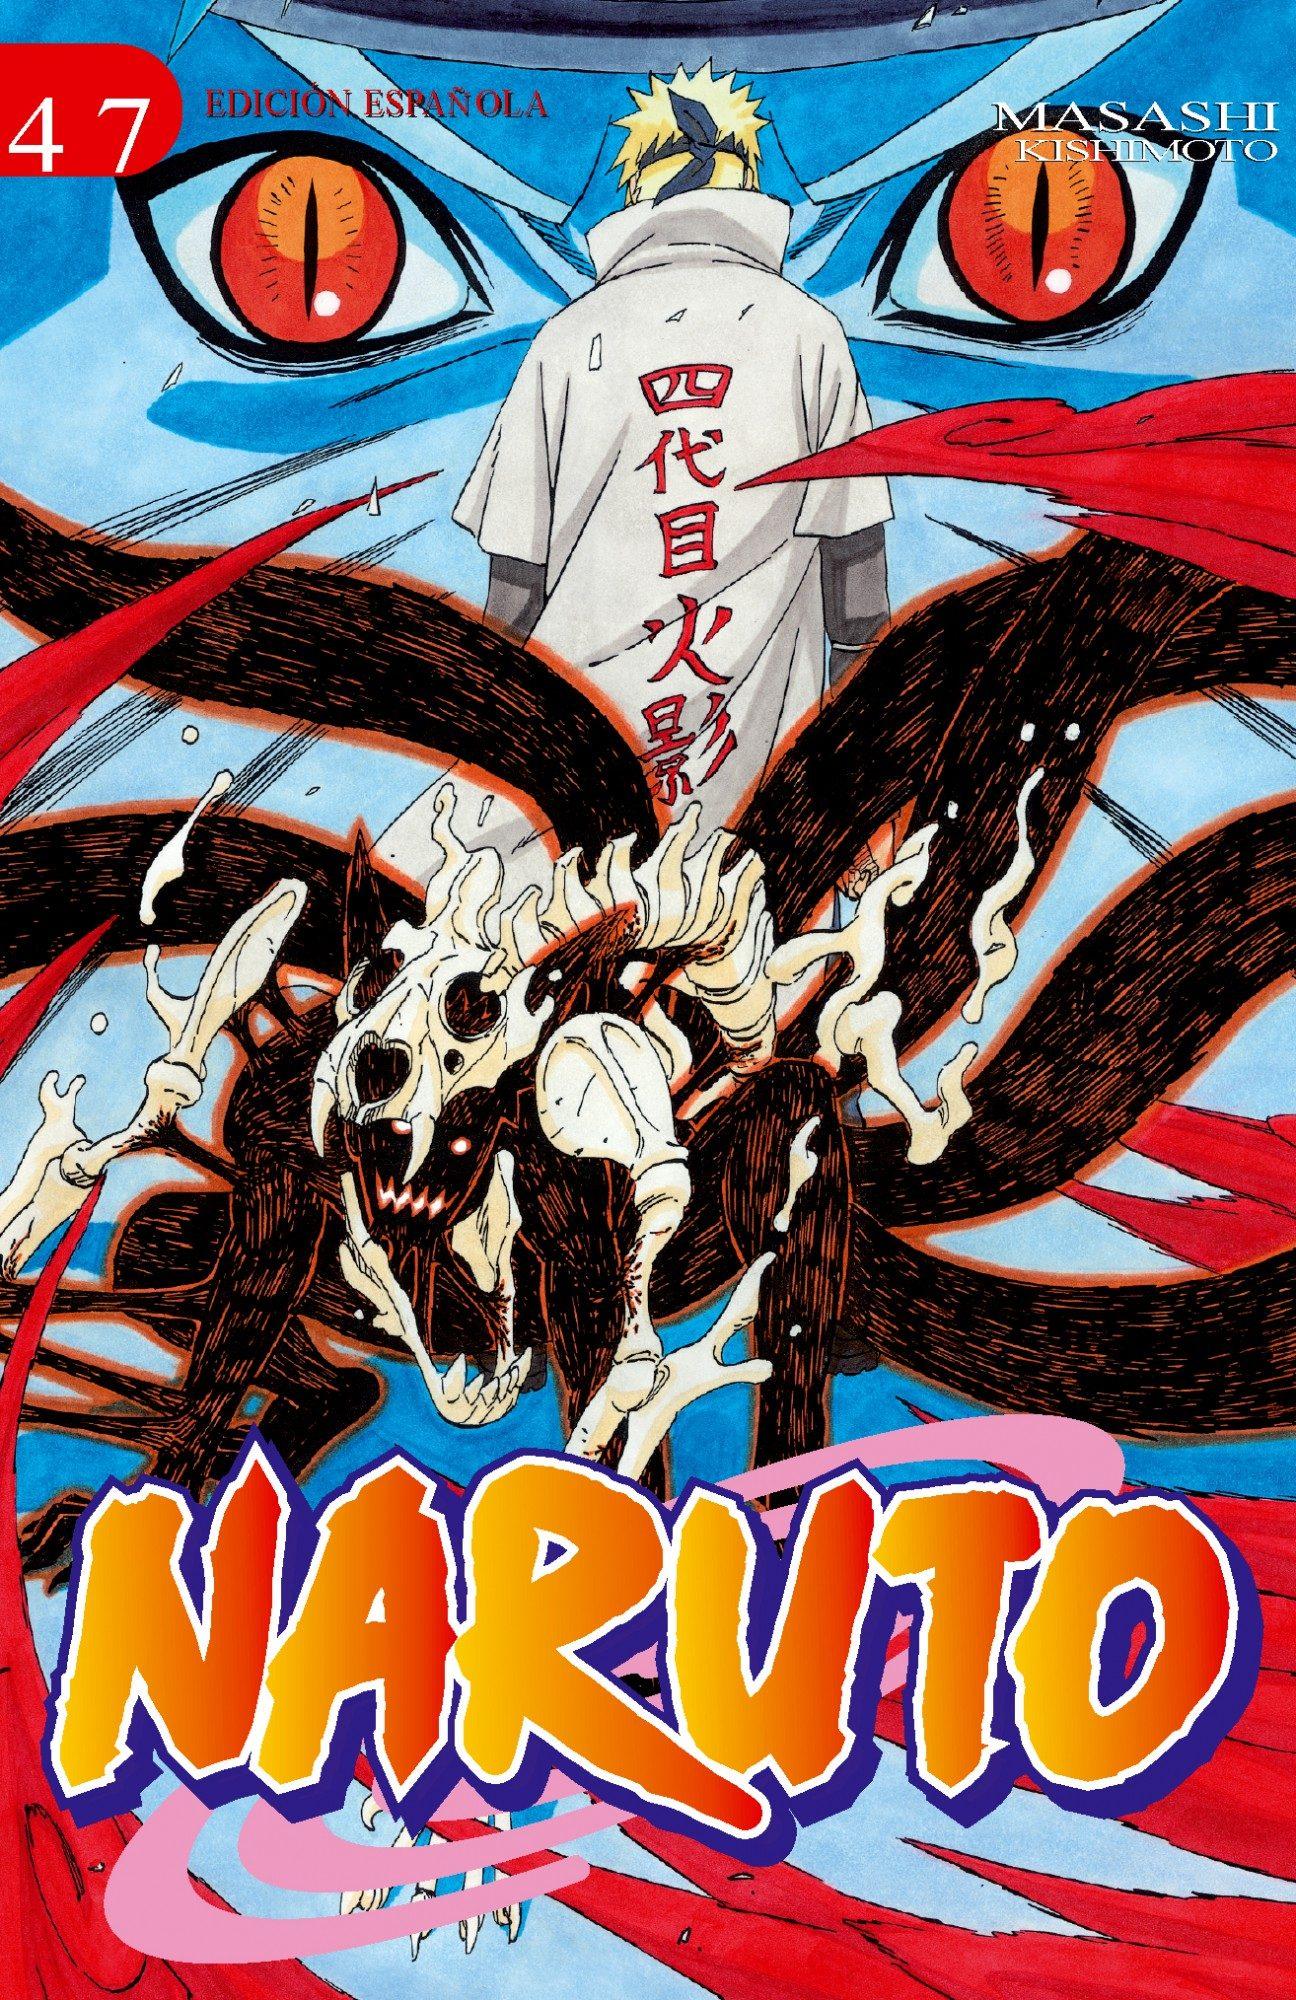 naruto nº 47-masashi kishimoto-9788499470412